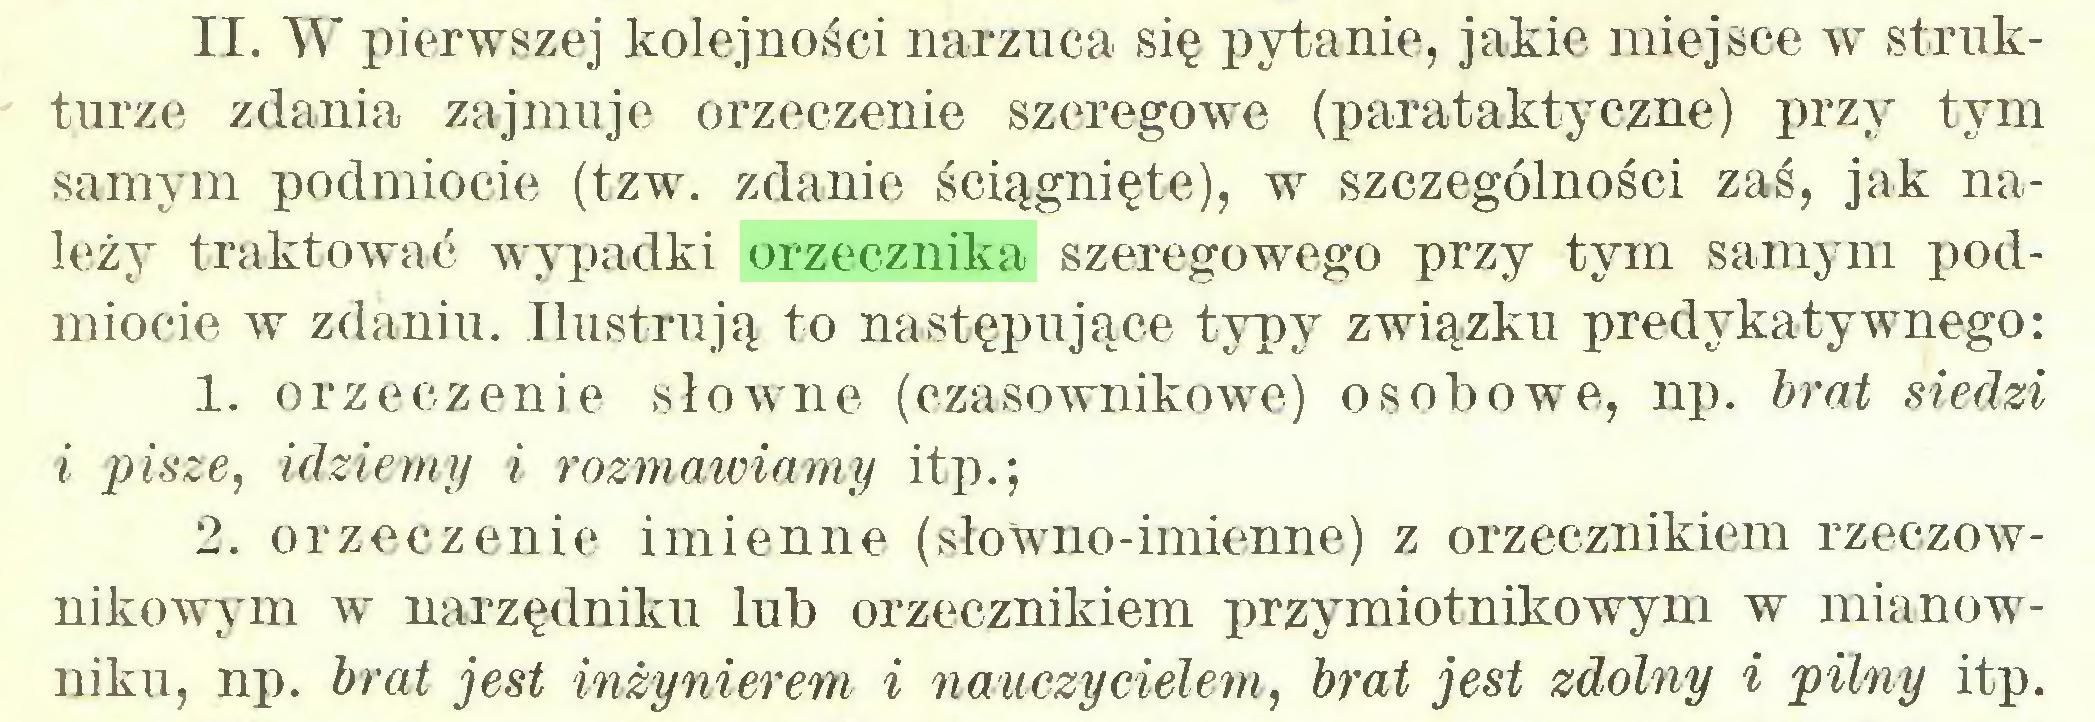 (...) II. W pierwszej kolejności narzuca się pytanie, jakie miejsce w strukturze zdania zajmuje orzeczenie szeregowe (parataktyczne) przy tym samym podmiocie (tzw. zdanie ściągnięte), w szczególności zaś, jak należy traktować wypadki orzecznika szeregowego przy tym samym podmiocie w zdaniu. Ilustrują to następujące typy związku predykatywnego: 1. orzeczenie słowne (czasownikowe) osobowe, np. brat siedzi i pisze, idziemy i rozmawiamy itp.; 2. orzeczenie imienne (słowno-imienne) z orzecznikiem rzeczownikowym w narzędniku lub orzecznikiem przymiotnikowym w mianowniku, np. brat jest inżynierem i nauczycielem, brat jest zdolny i pilny itp...